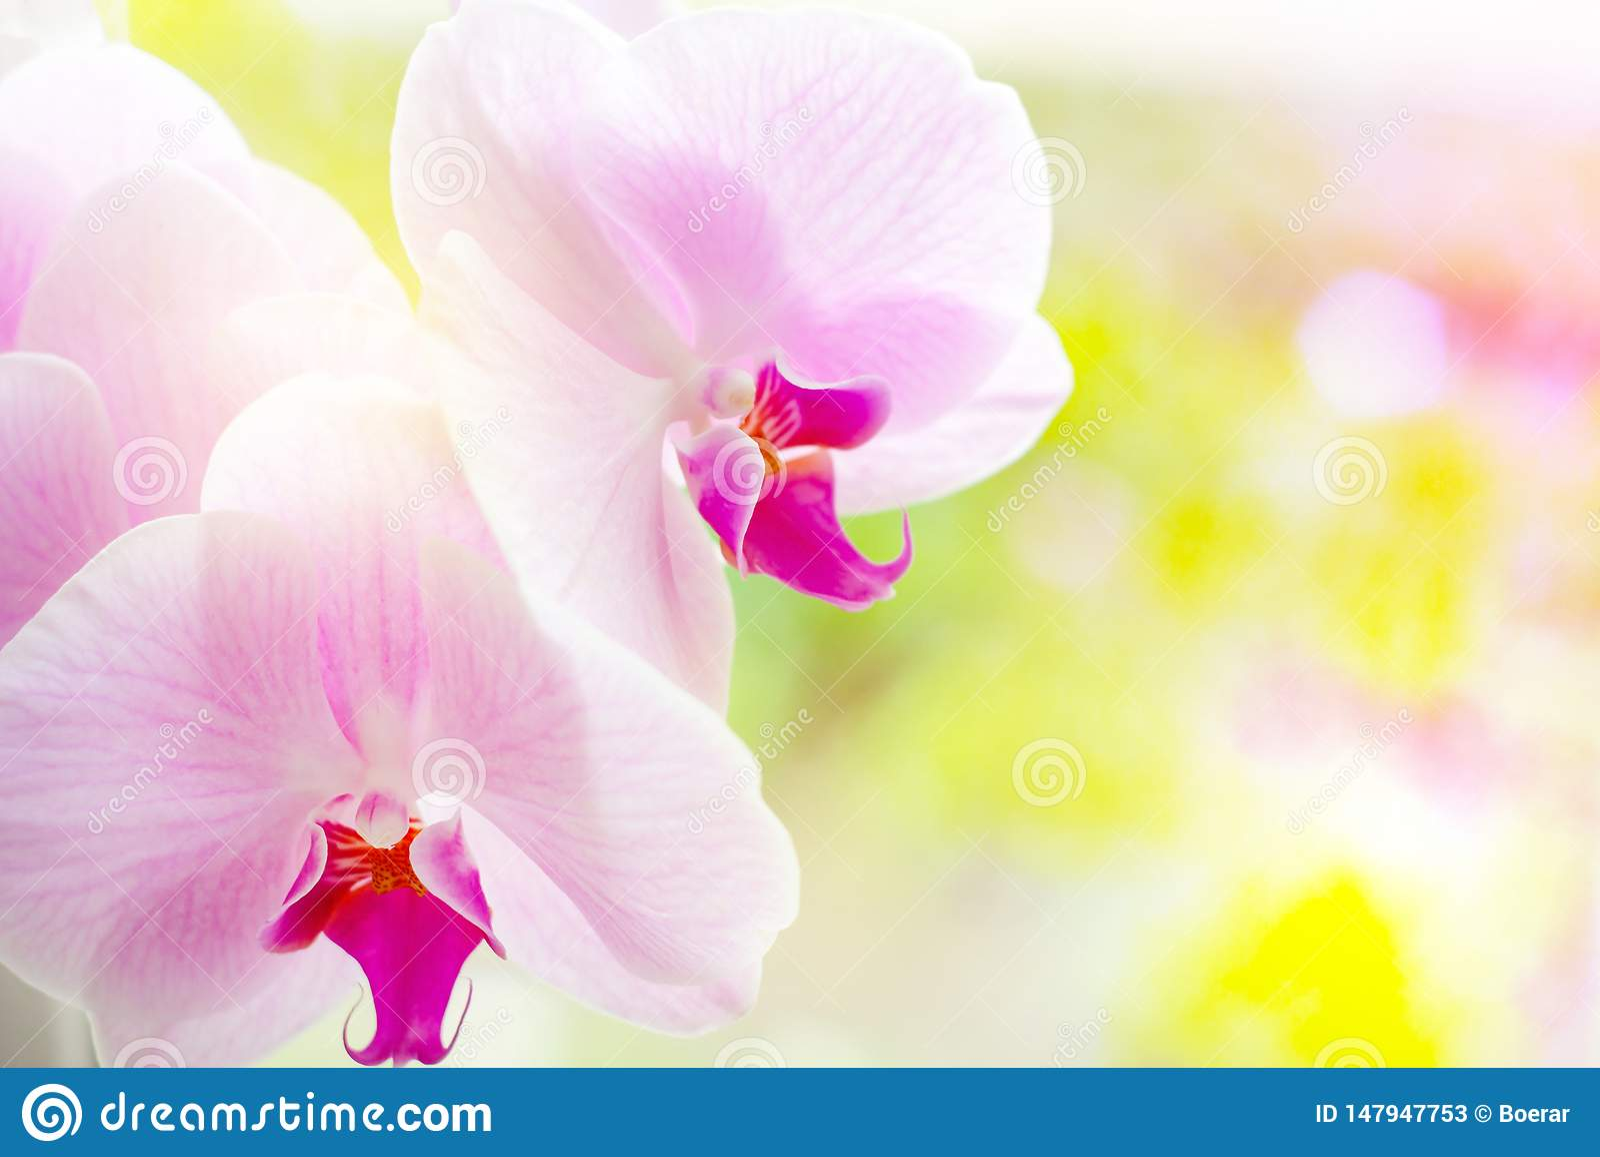 Ο όμορφος τροπικός εξωτικός κλάδος με την άσπρη, ρόδινη και ροδανιλίνης ορχιδέα Phalaenopsis σκώρων ανθίζει την άνοιξη στο δάσος